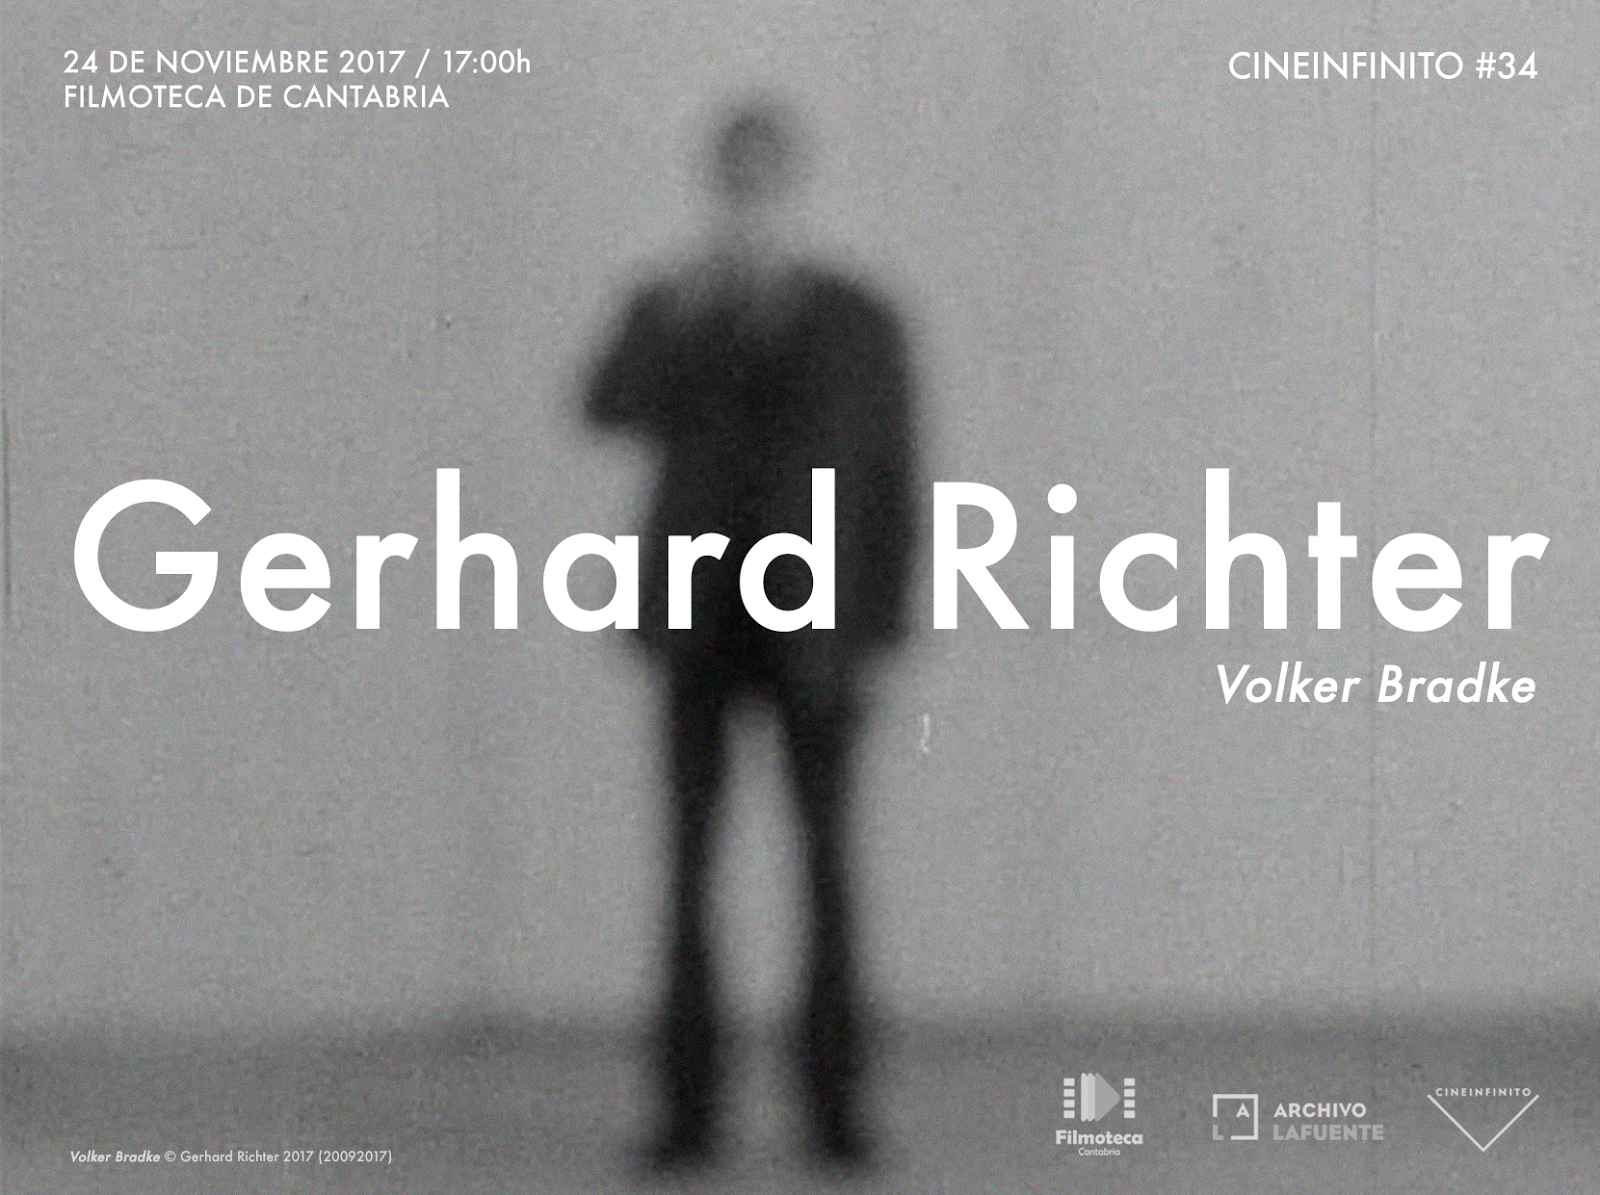 Gerard Richter